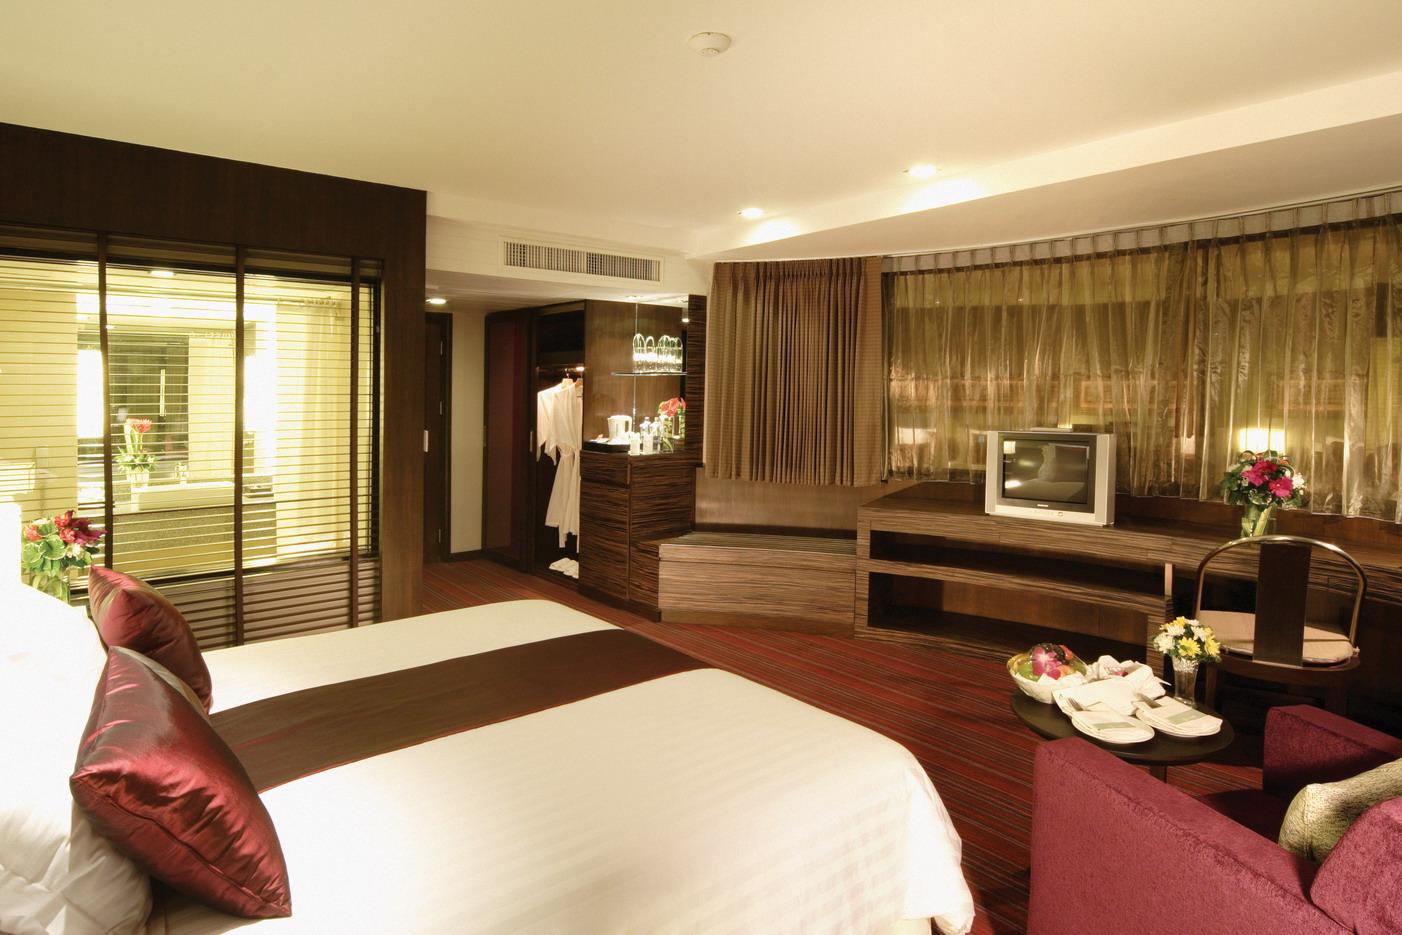 โรงแรมเอ-วัน กรุงเทพ